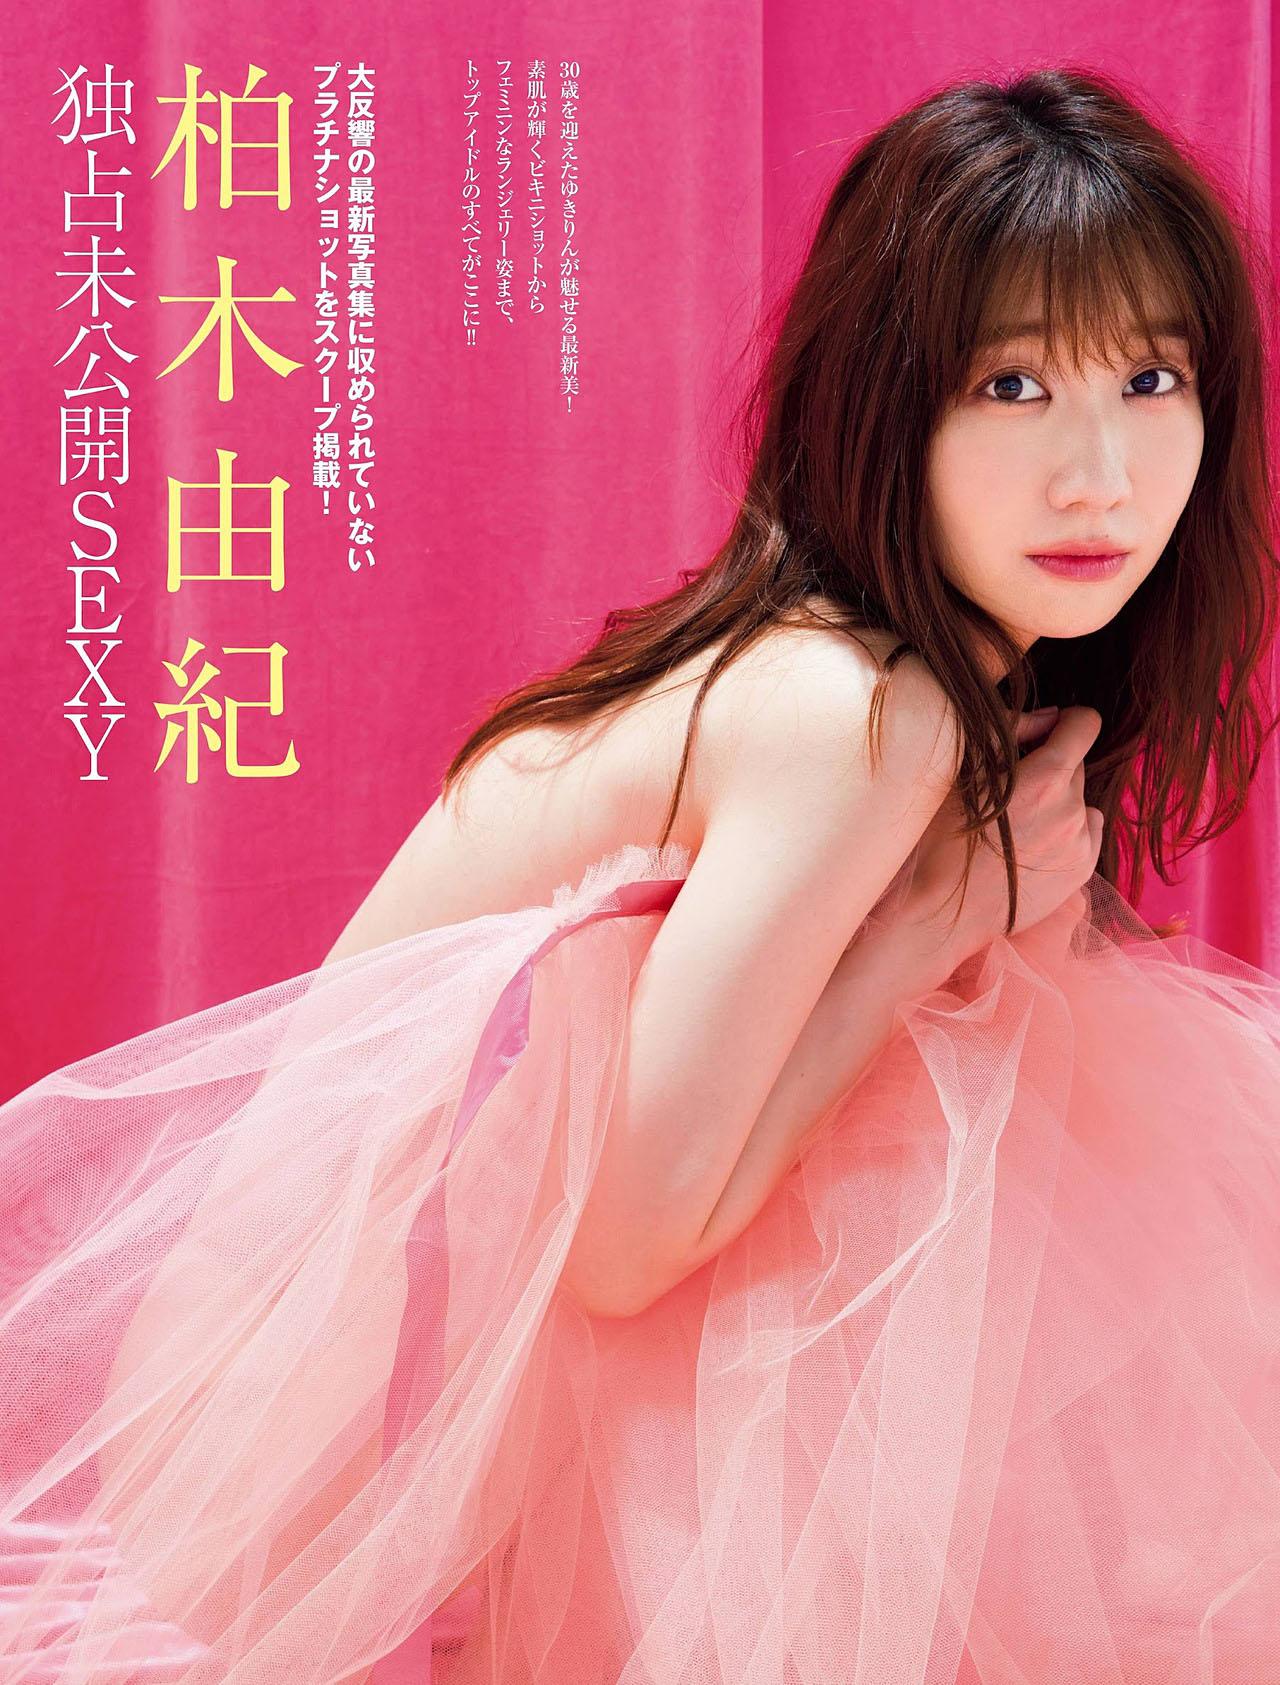 YKashiwagi Friday 210903 01.jpg